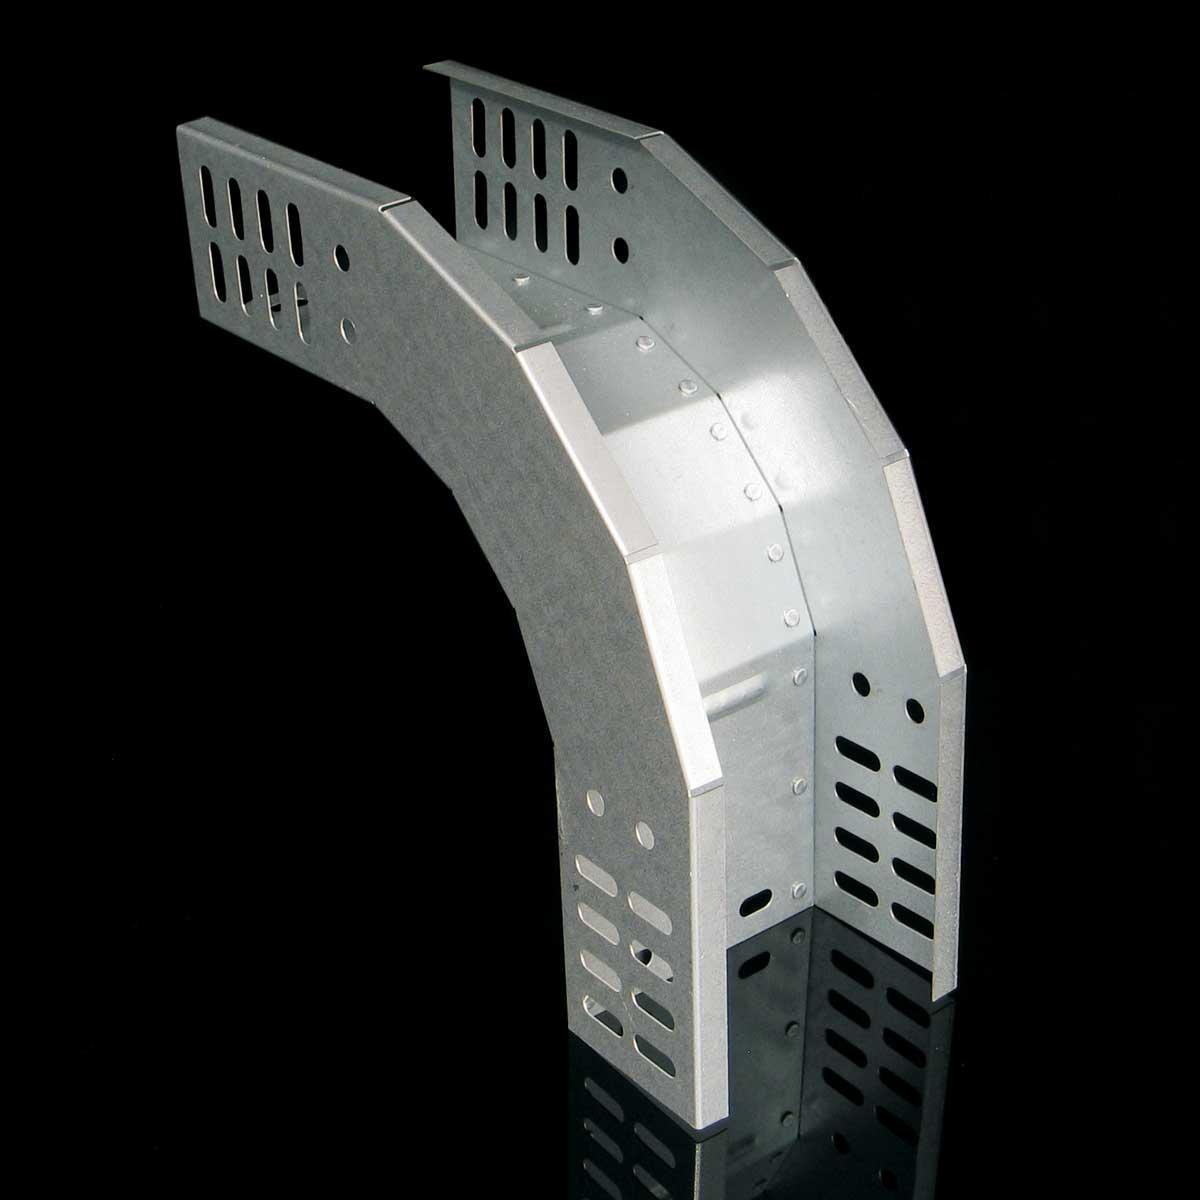 Поворот вертикальний зовнішній 90 для лотка JUPITER; розміри-110x600x295mm Товщ. метал-1,2 Вага-2,48кг/м